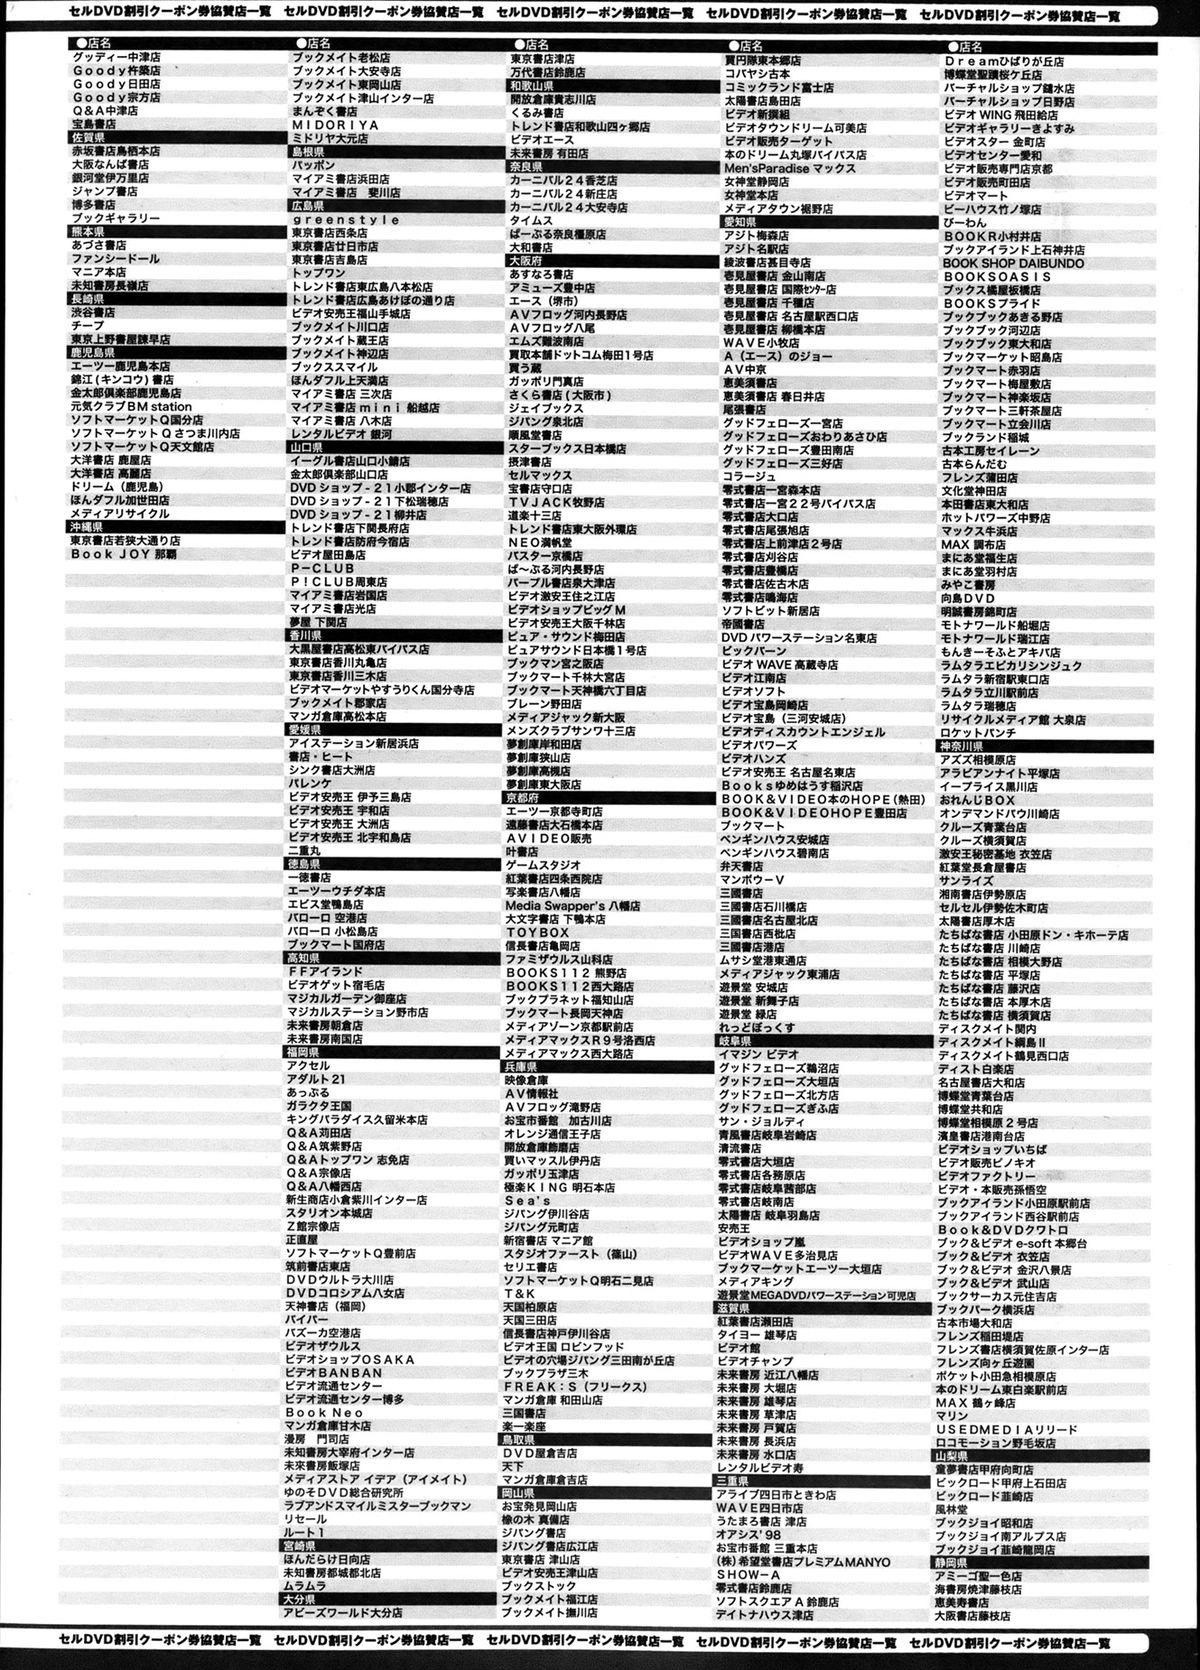 COMIC Anthurium 003 2013-07 394